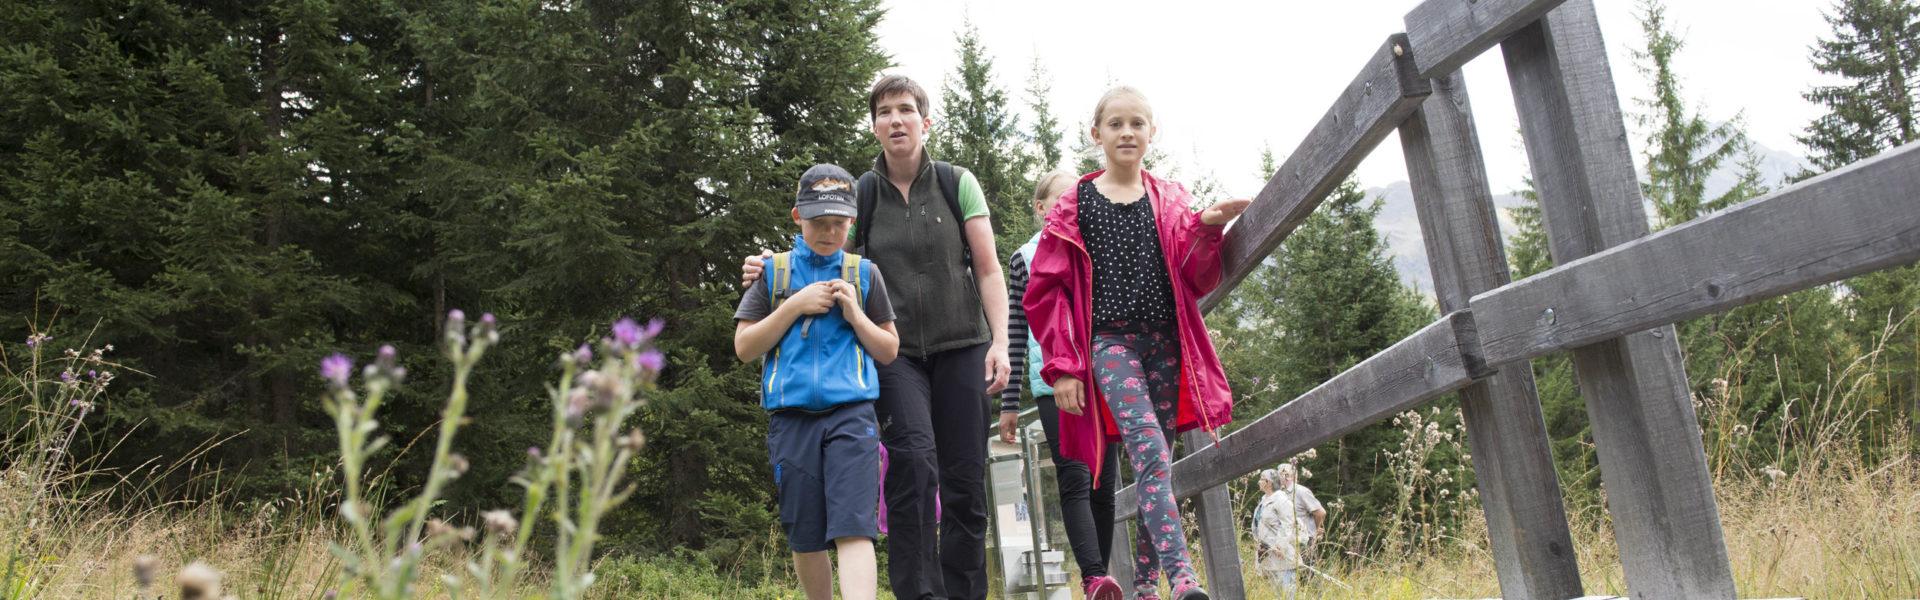 V-CARD Ausflugstipps für Familien, Kristberg, der Genießerberg im Montafon - Silberpfad Führung mit Monika Doenz-Breuss